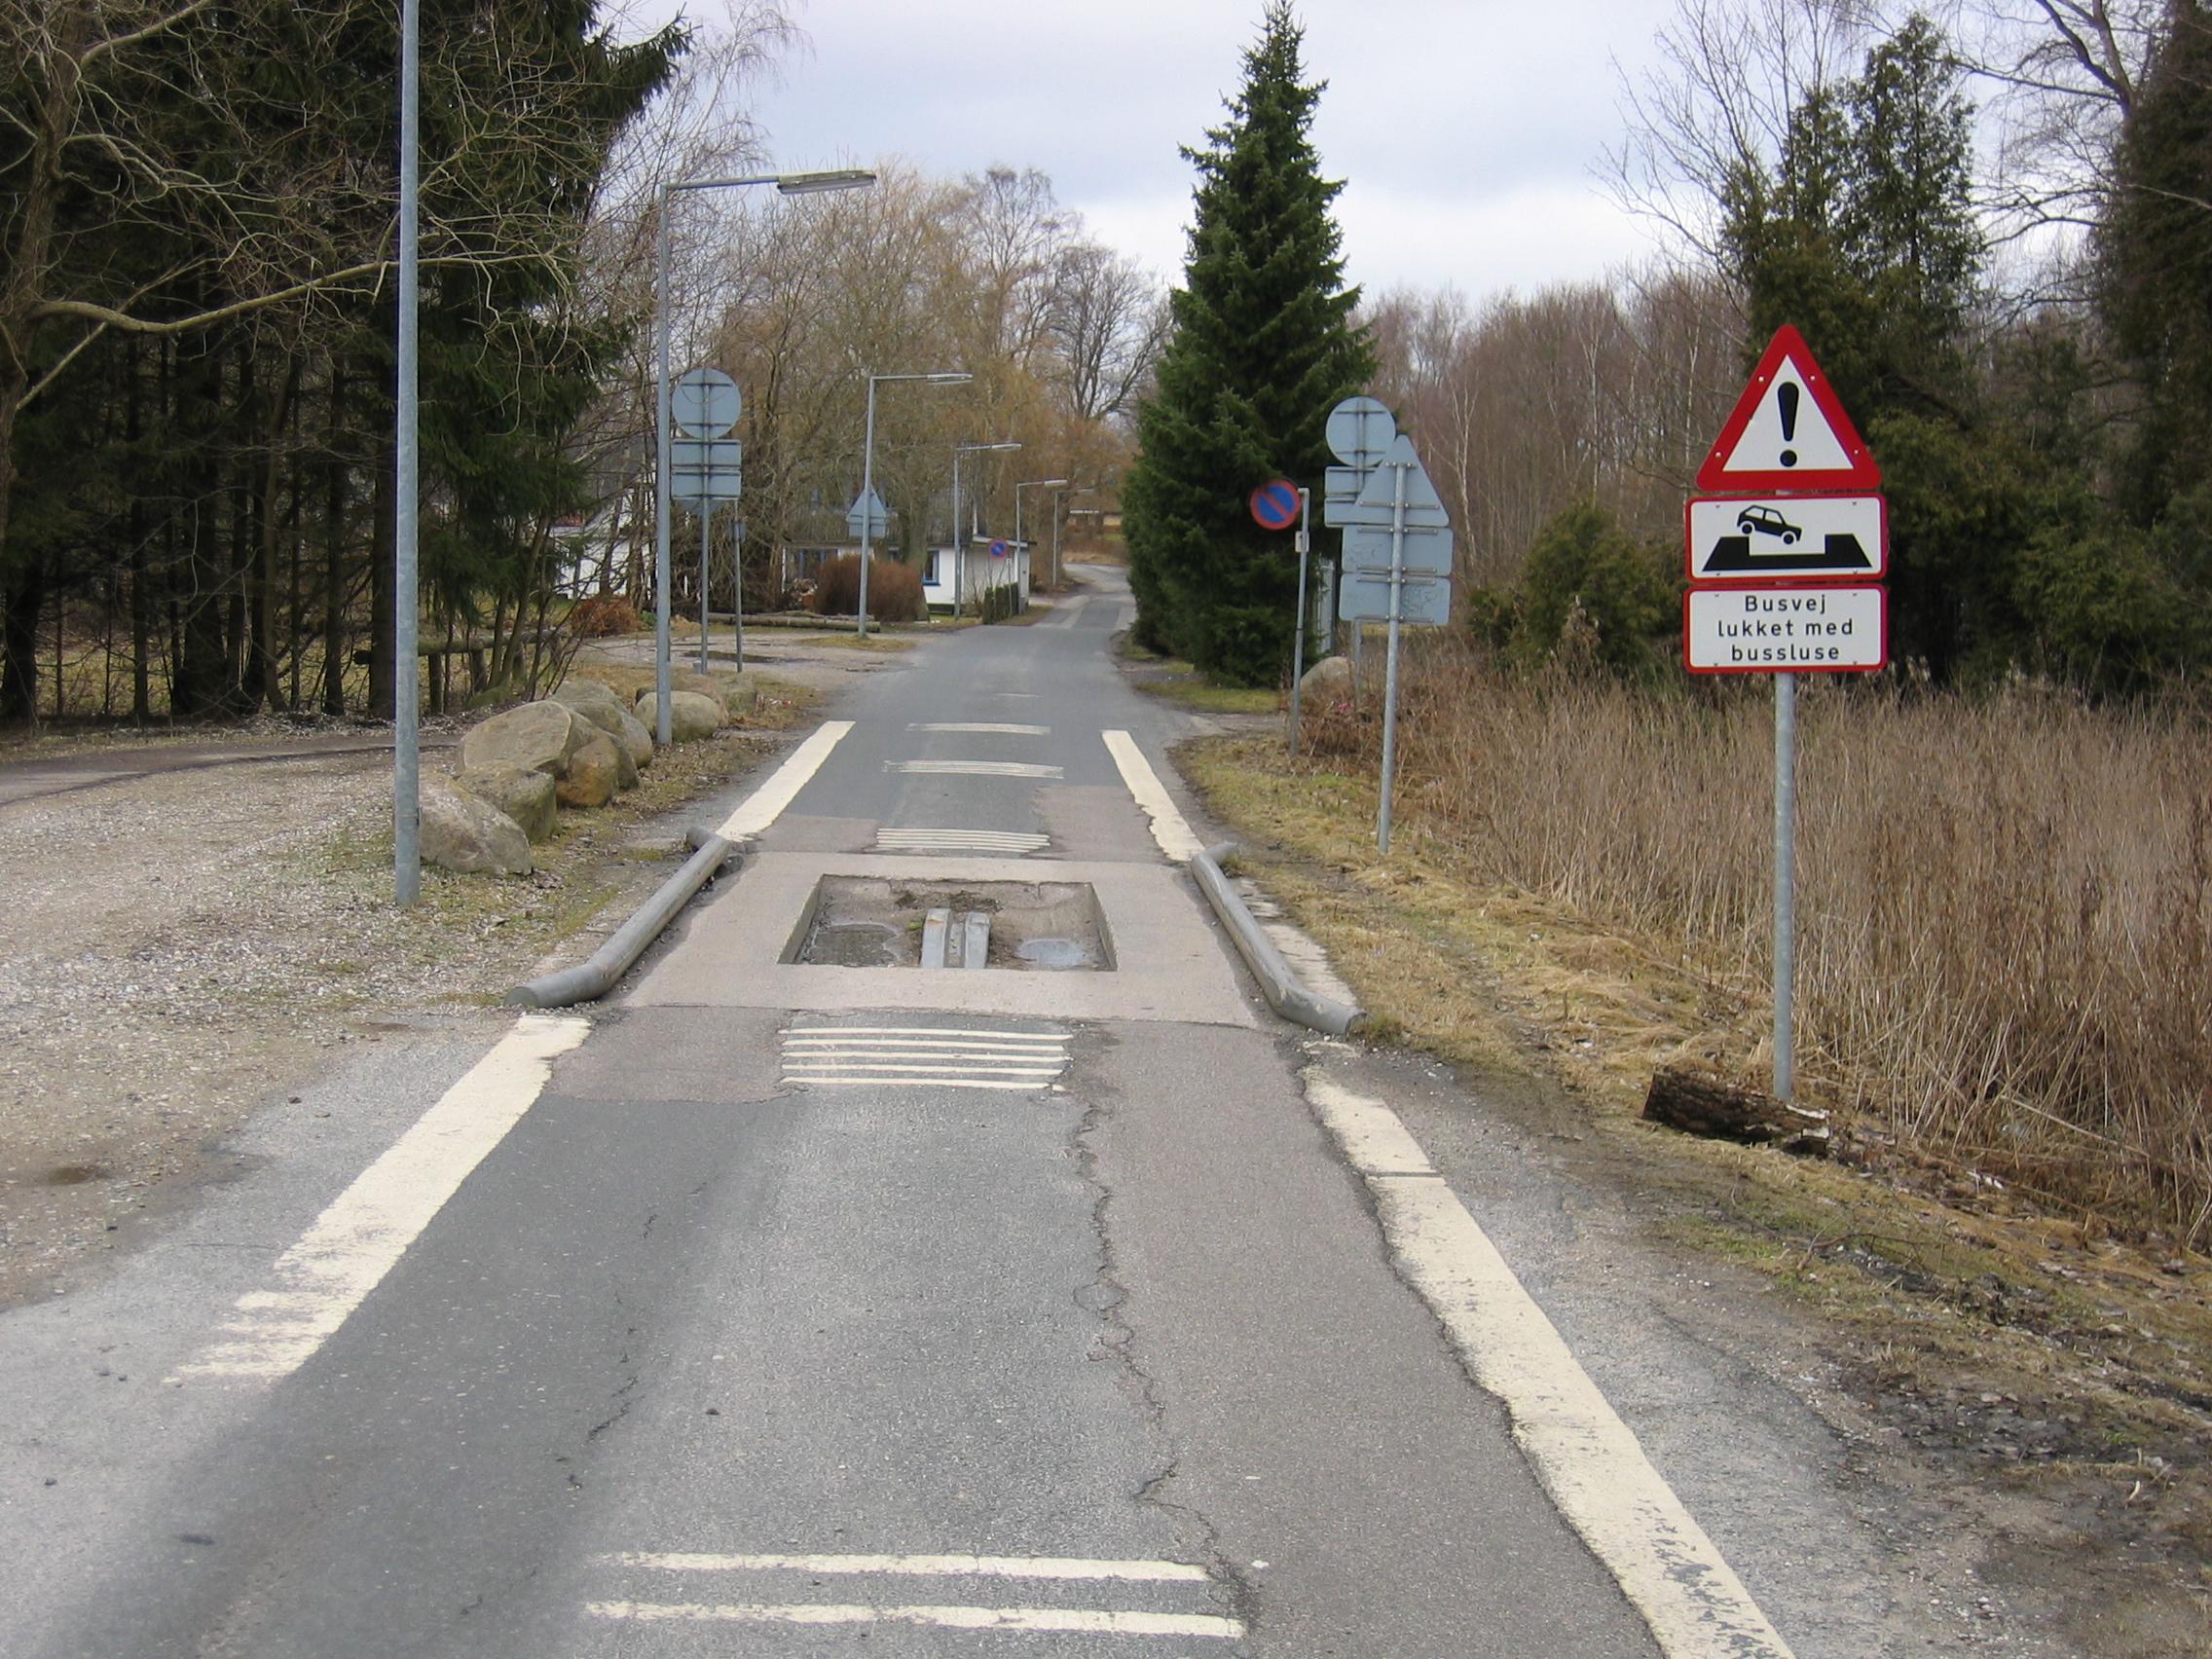 バストラップ - Bus trap ...